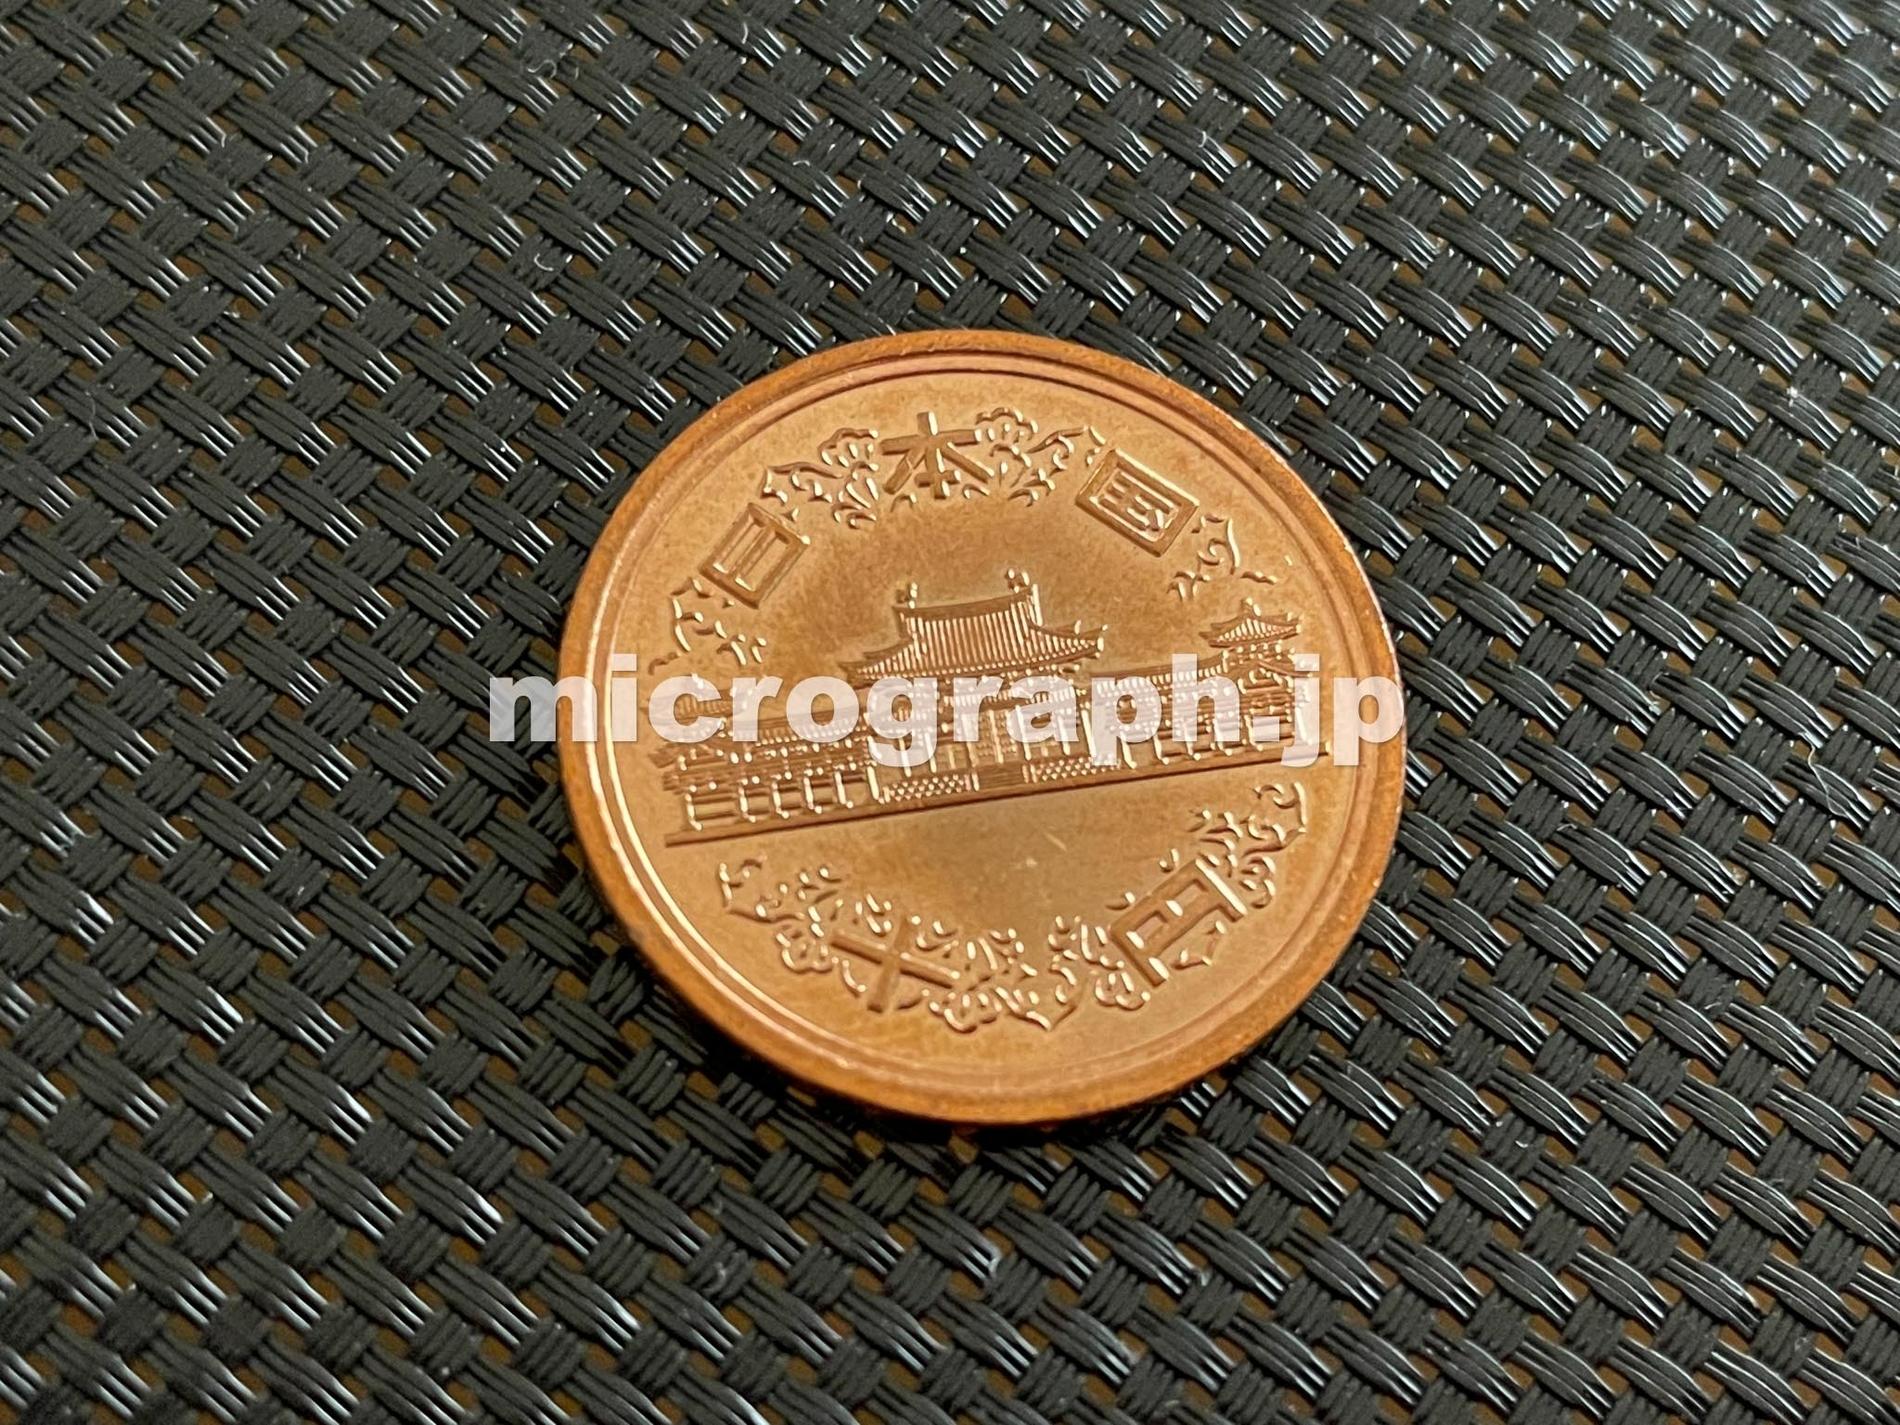 10円玉の裏の写真